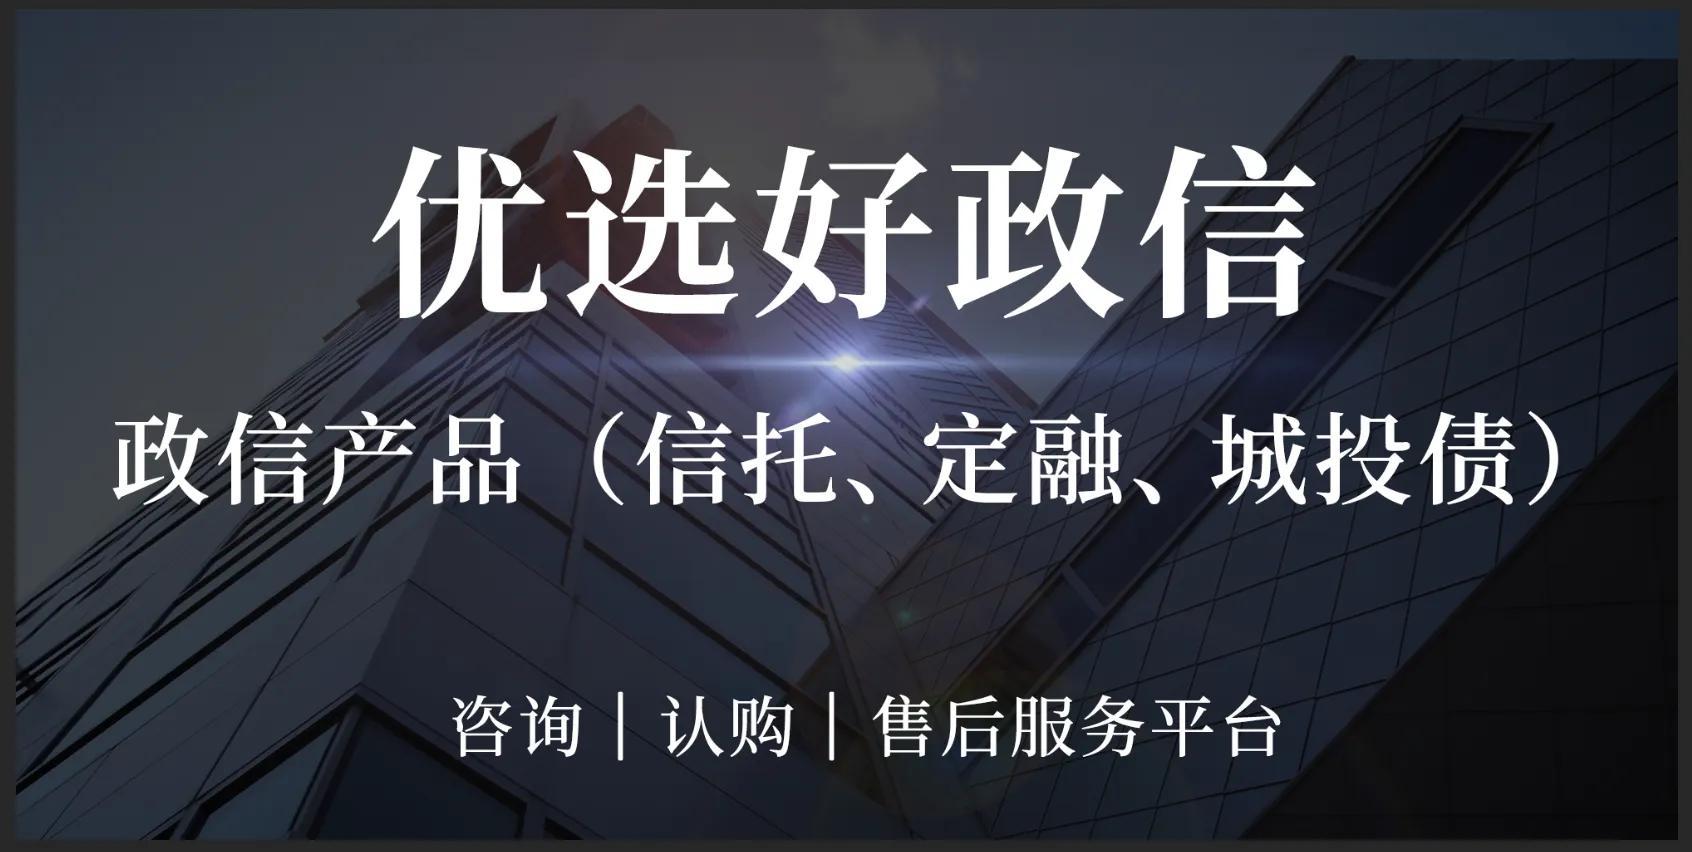 中国十大信托公司(国内最好的家族信托)